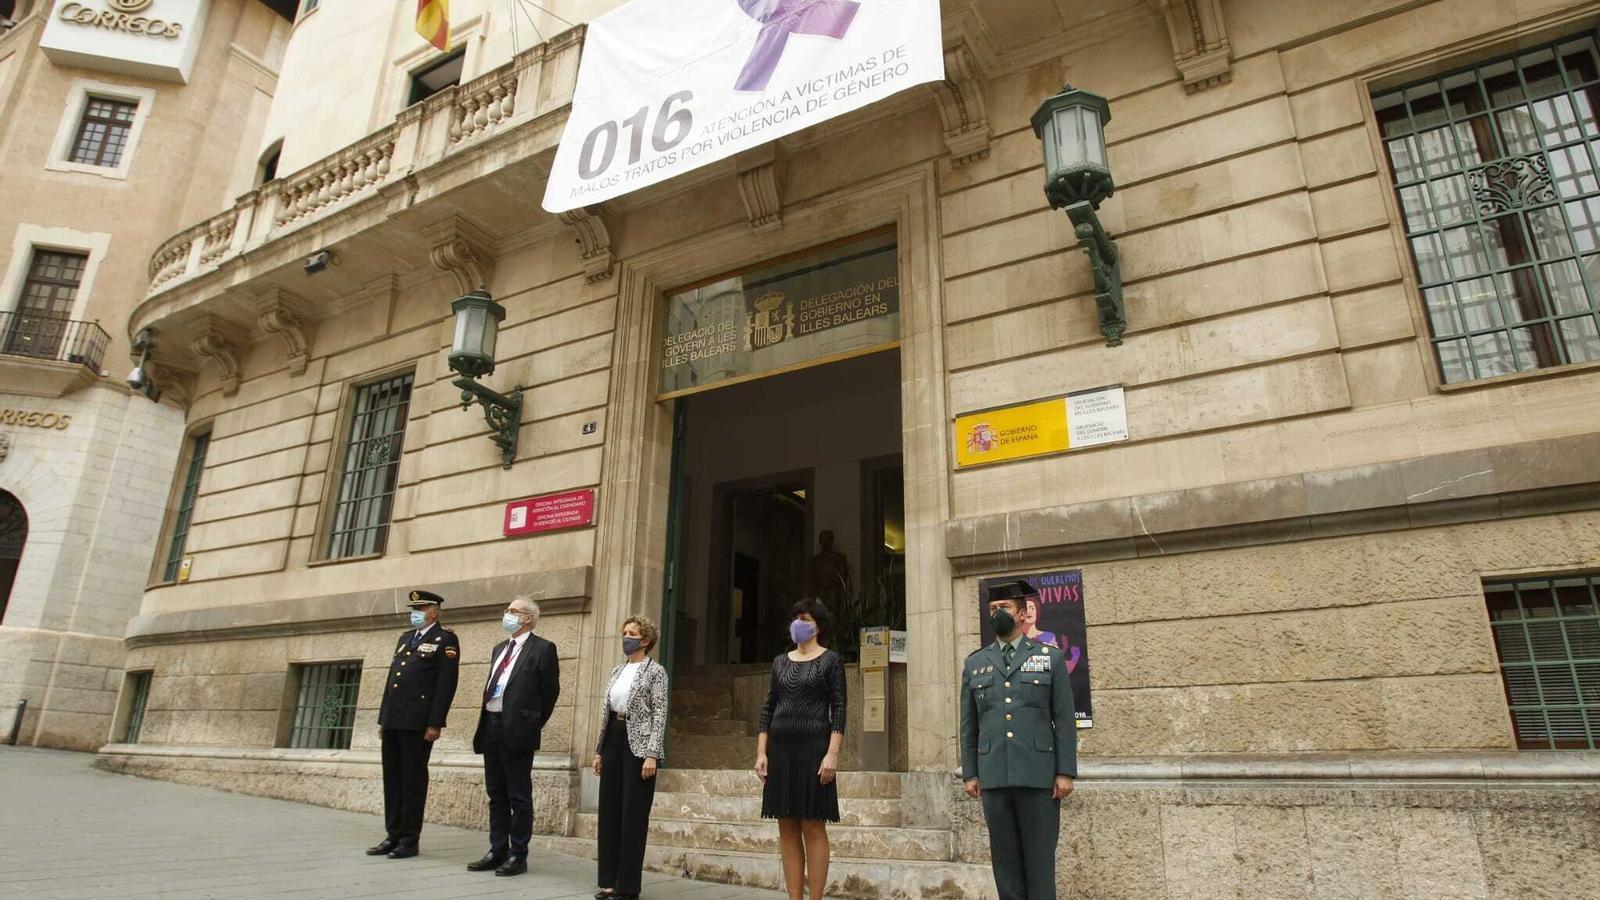 Minuts de silencia davant la Delegació del govern espanyol.